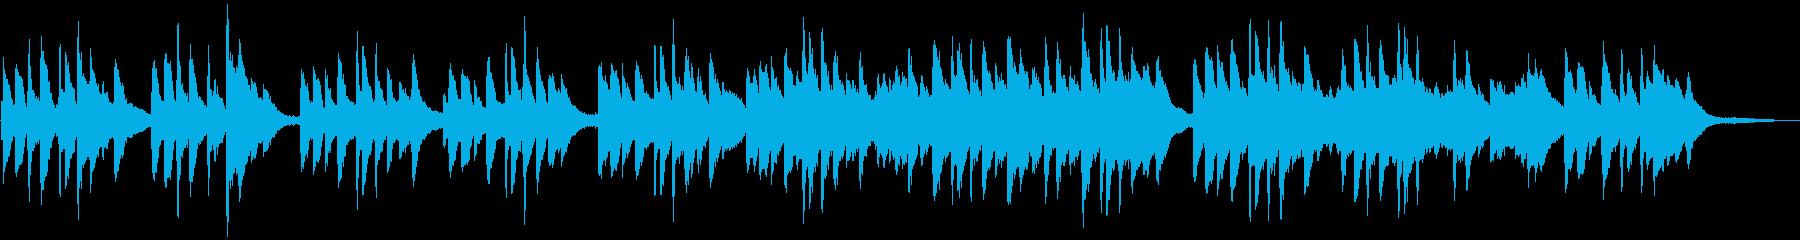 優しくシンプル レトロ・アナログなピアノの再生済みの波形